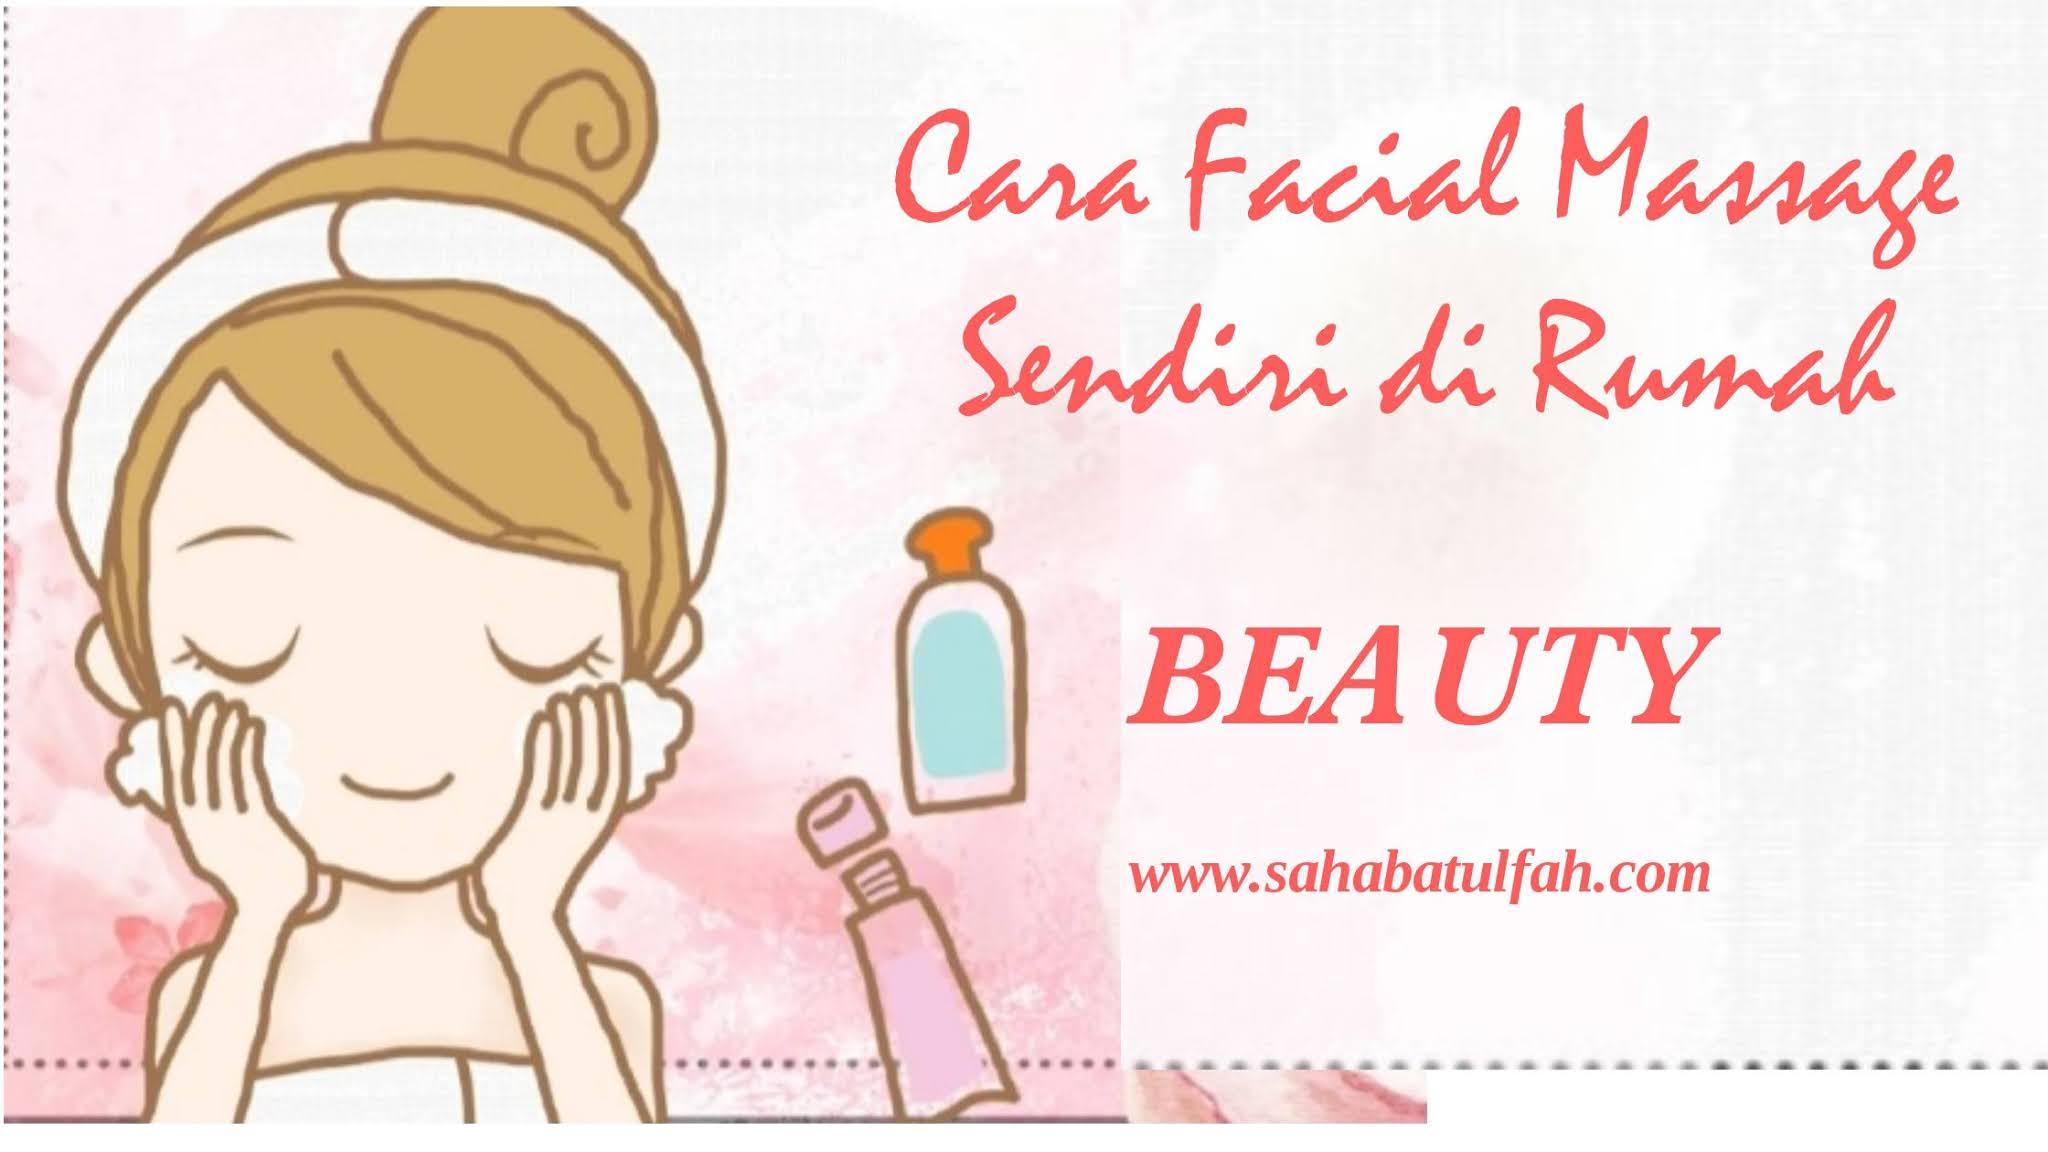 https://www.sahabatulfah.com/2020/08/cara-facial-massage-sendiri-di-rumah.html